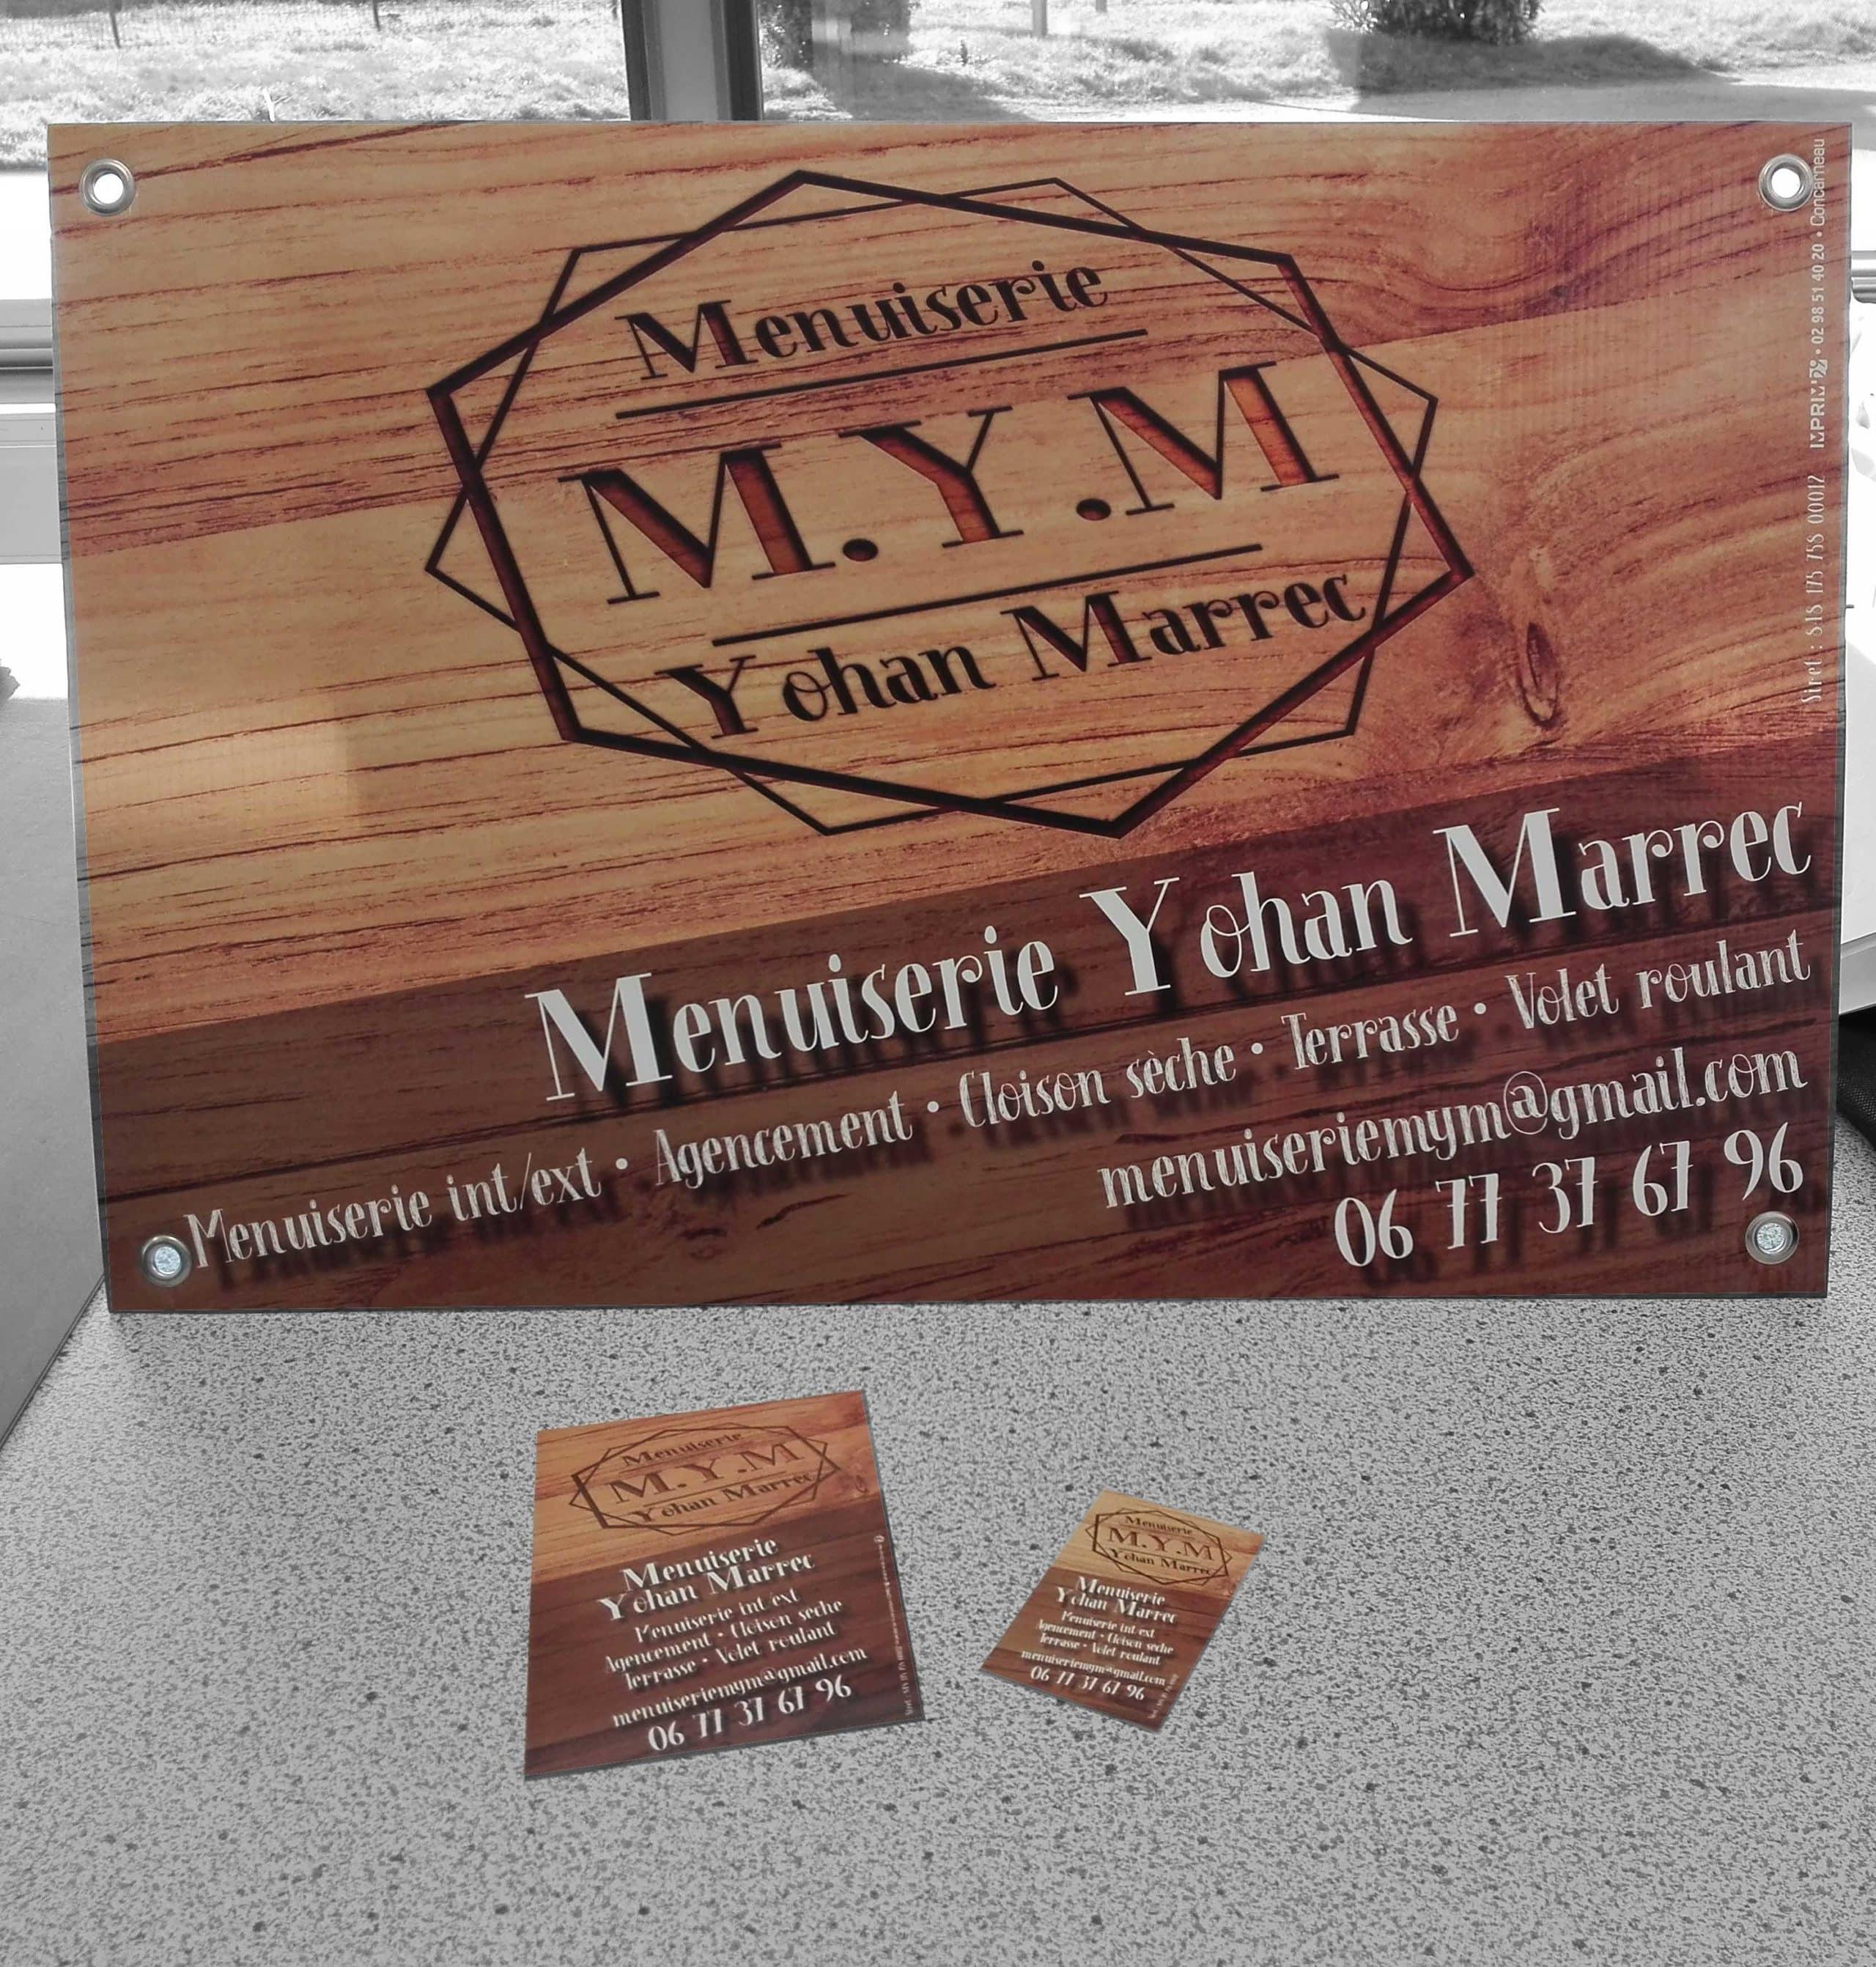 Panneaux de chantier, cartes et flyers - M.Y.M.